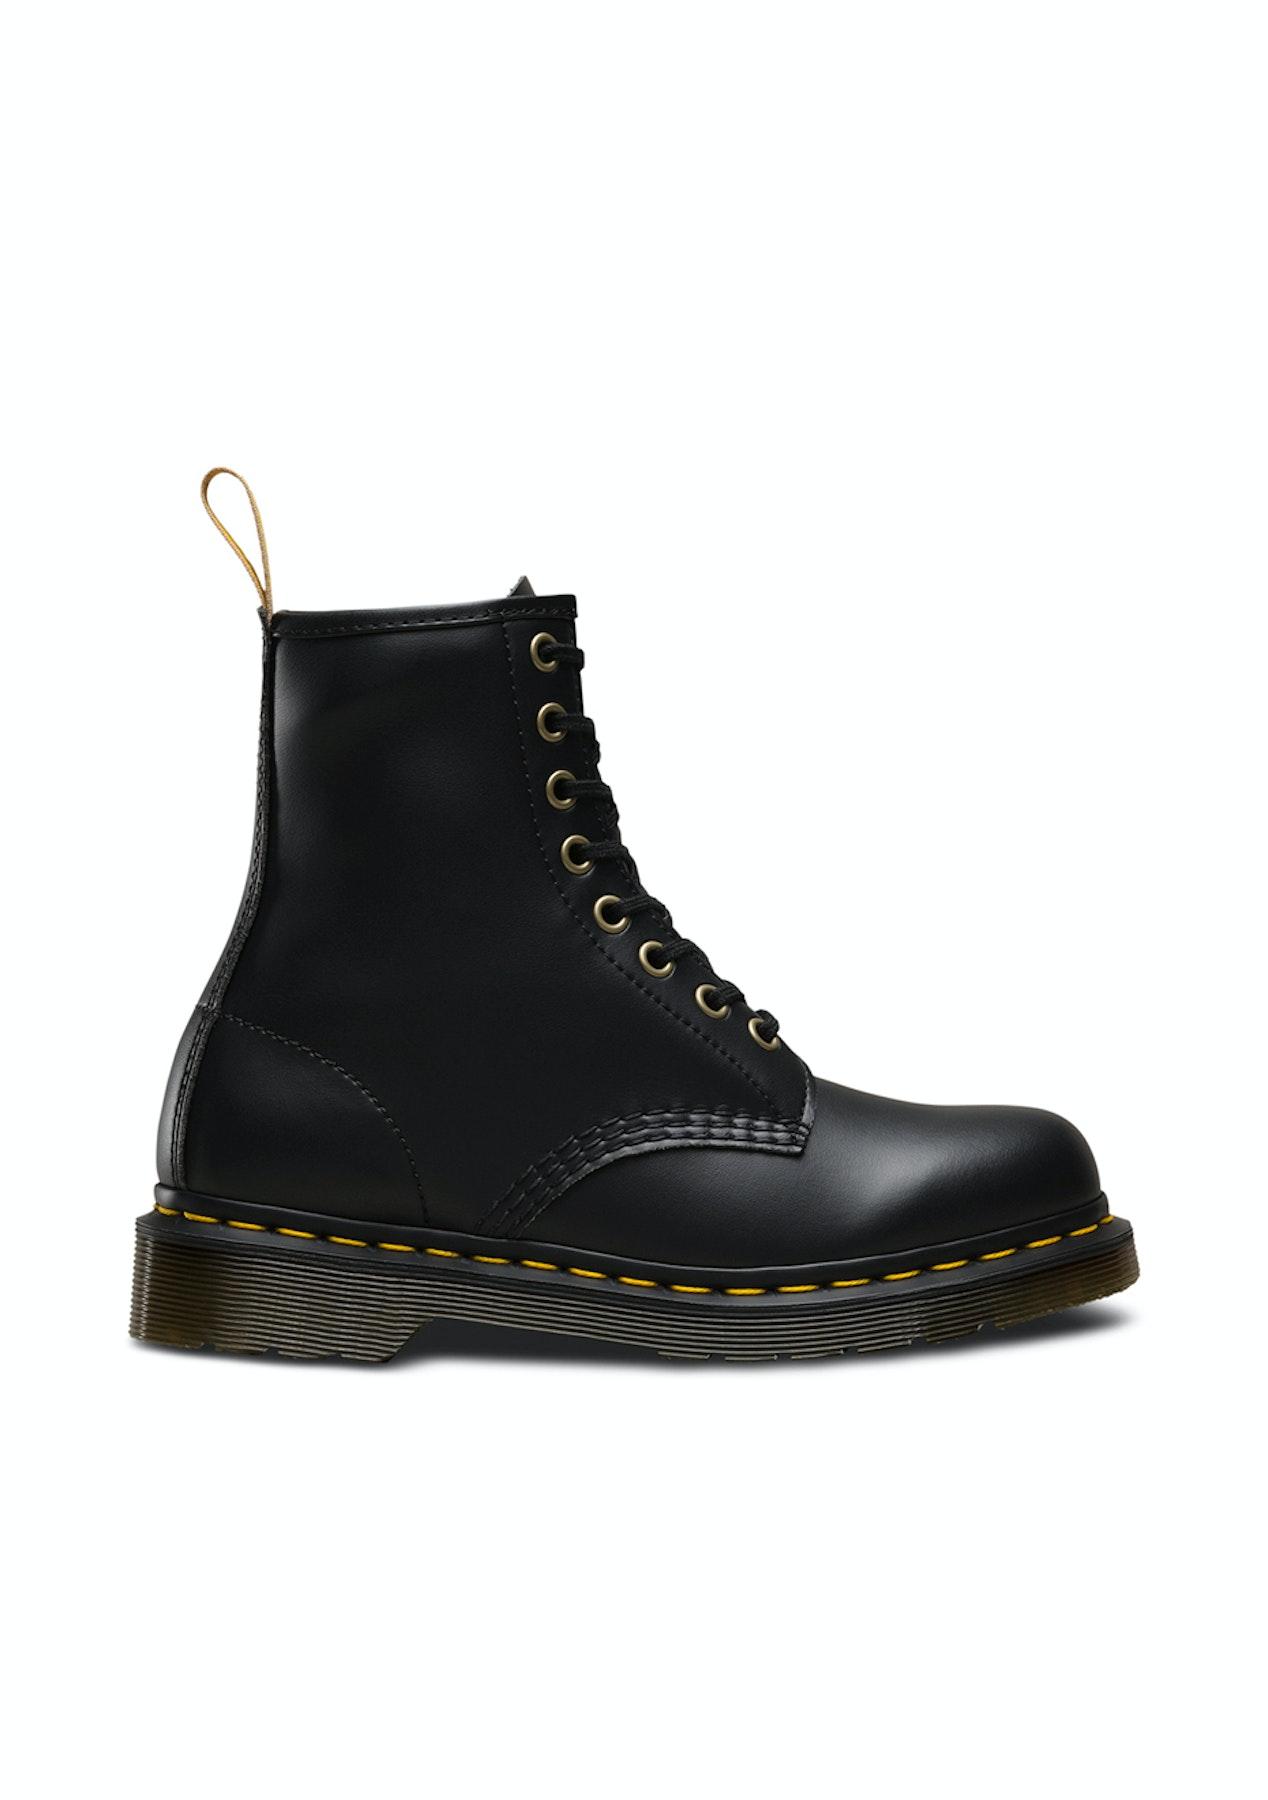 6649ae70766 Dr Martens - 1460 Vegan 8 Eye Boot - Black - Dr Martens - Onceit